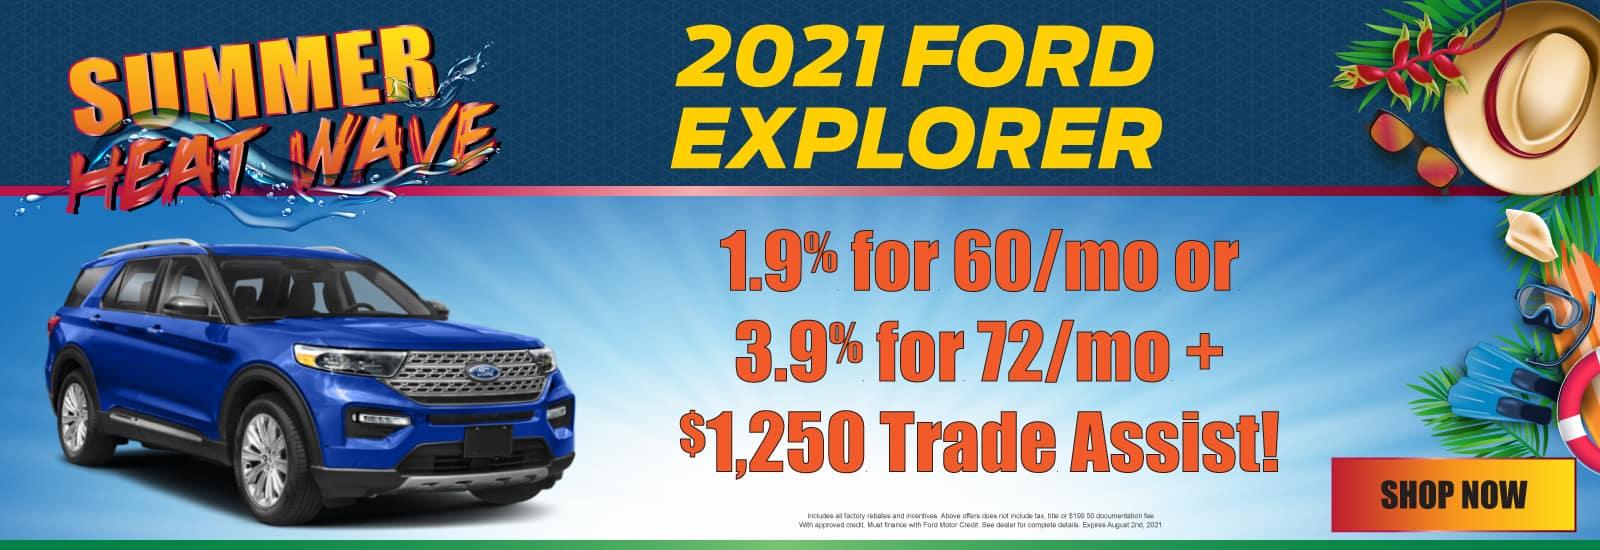 July2021-Ford-Explorer-Web-Banner-1600×550